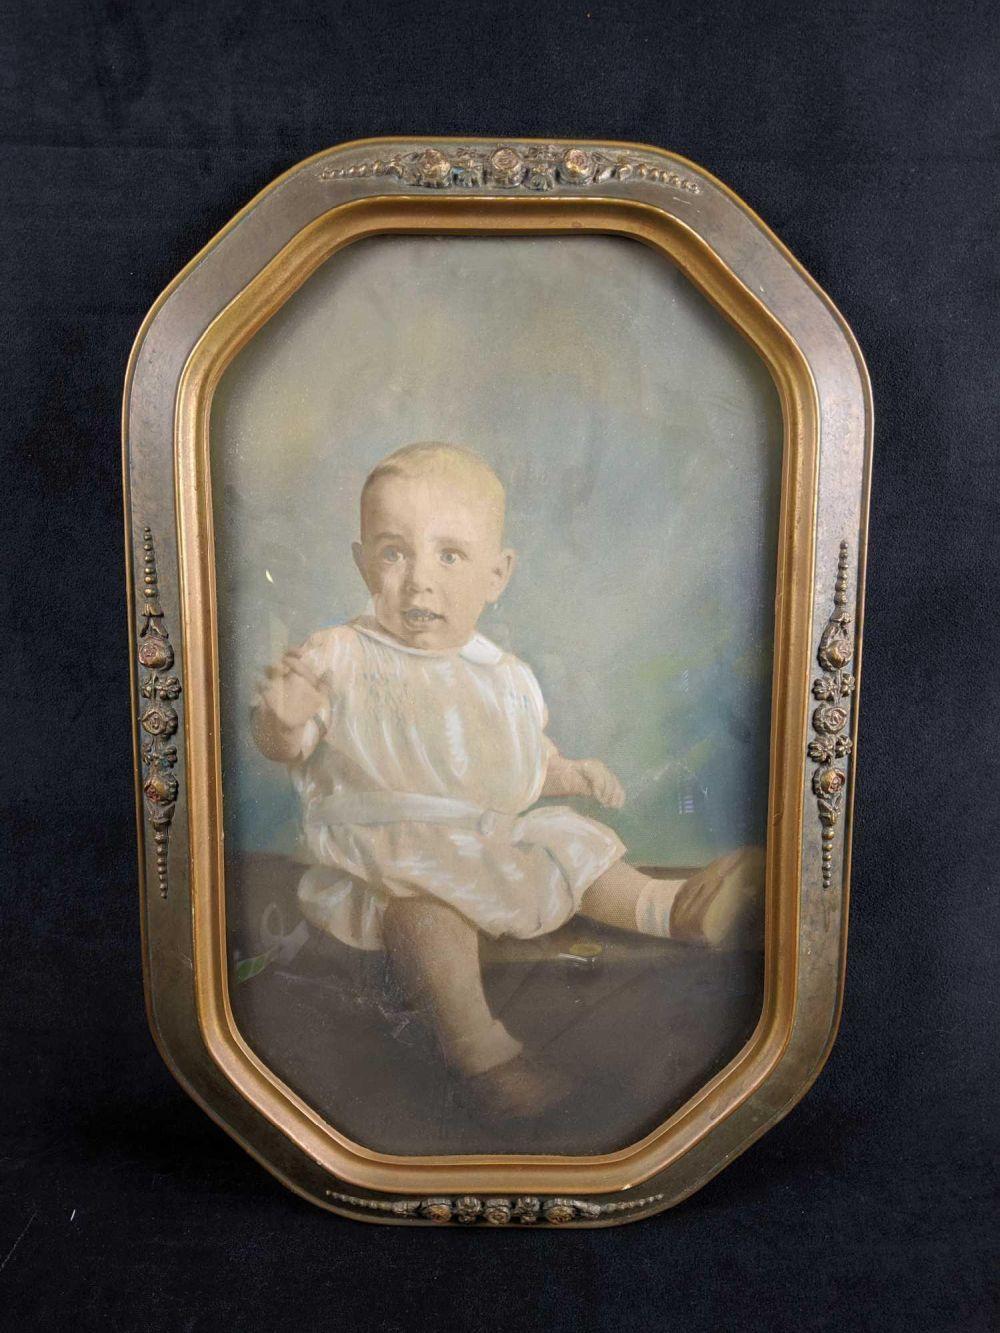 Antique Art Nouveau Convex Bubble Glass Picture Frame With Baby Photo